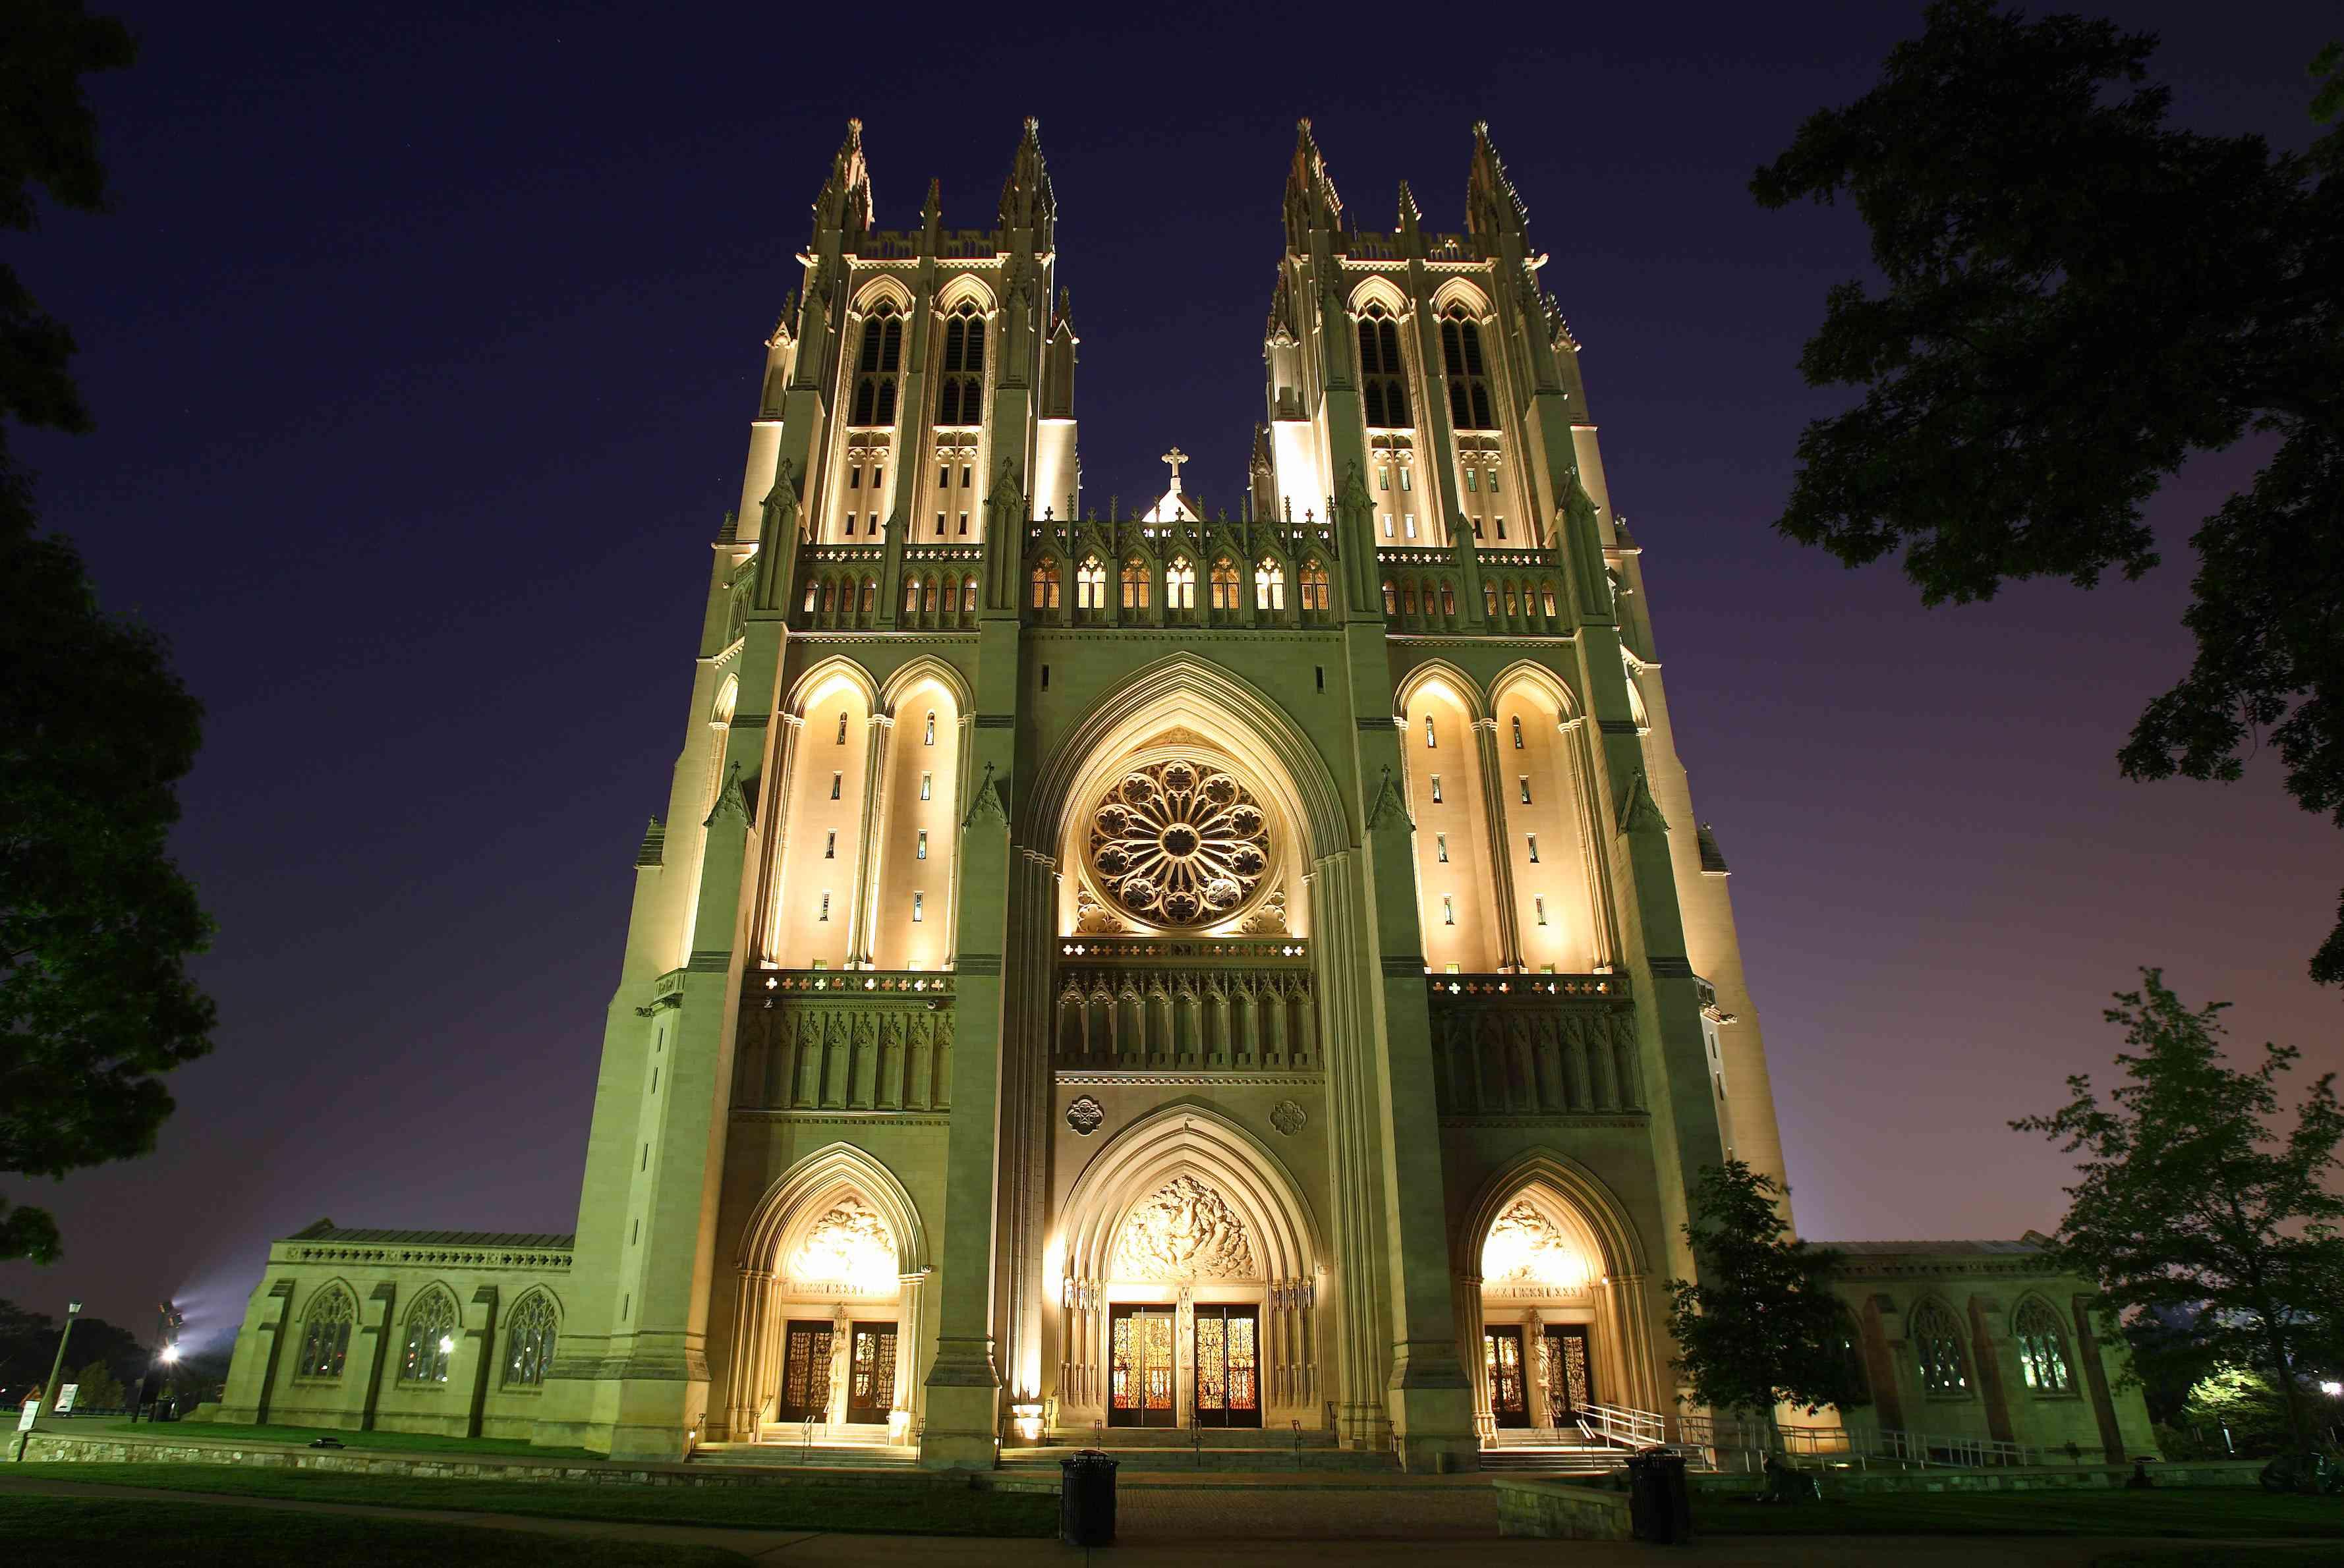 Washington National Cathedral at Night